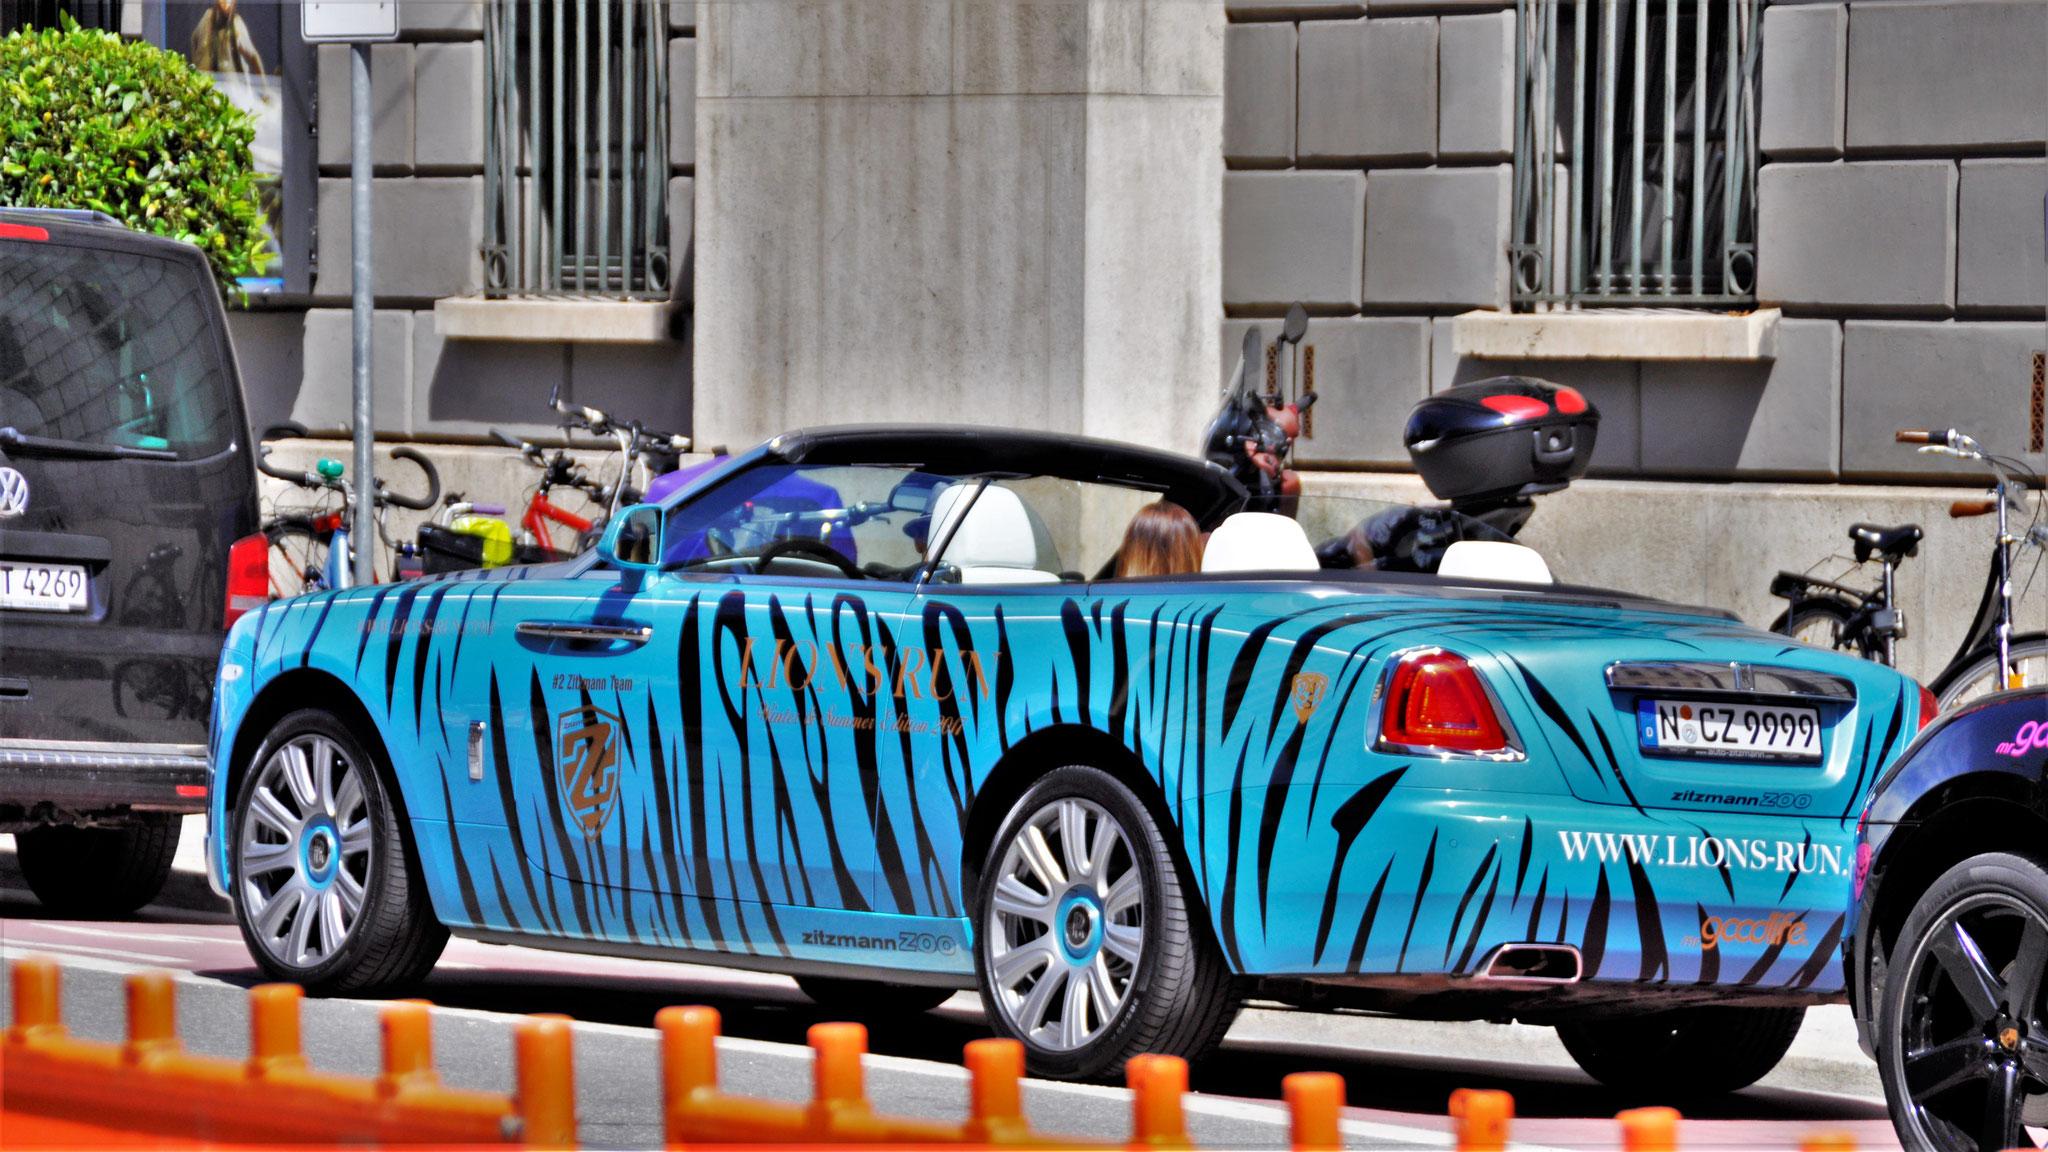 Rolls Royce Dawn - N-CZ-9999